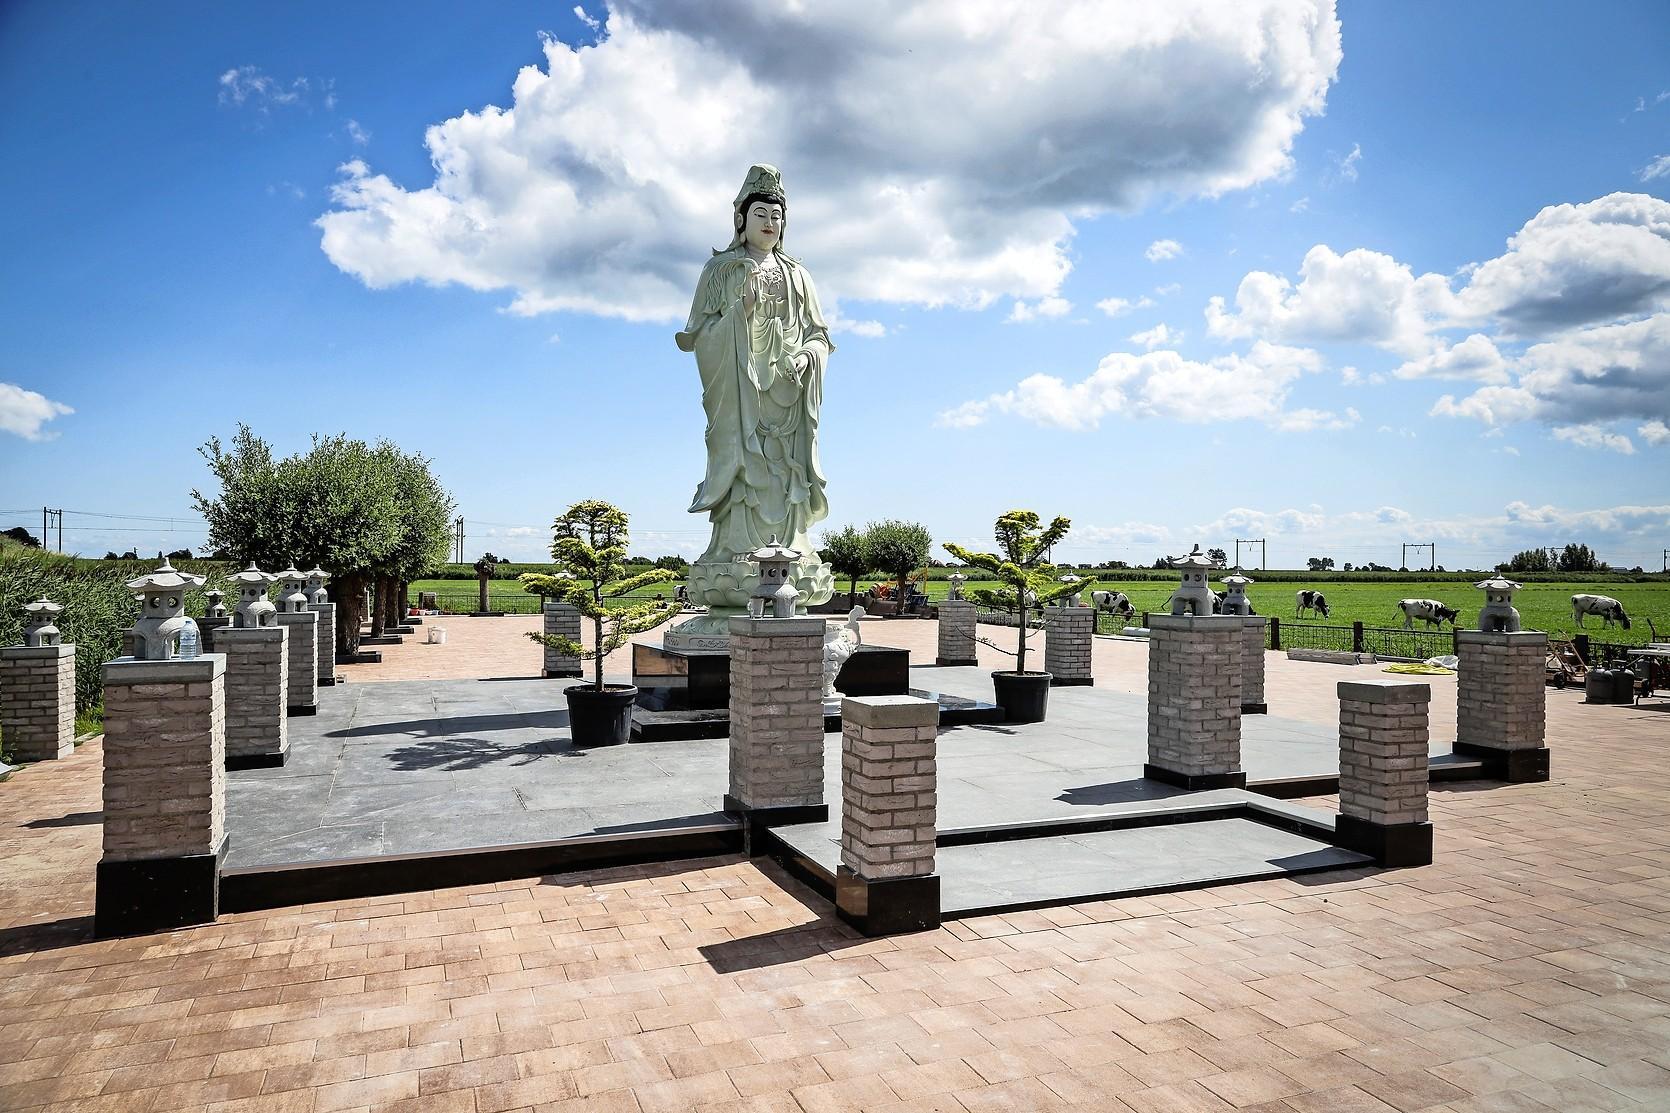 Vier meter hoog beeld van Boeddha ligt te wachten op plekje. Boeddhistische tempel Oudendijk komt langzaam weer tot leven